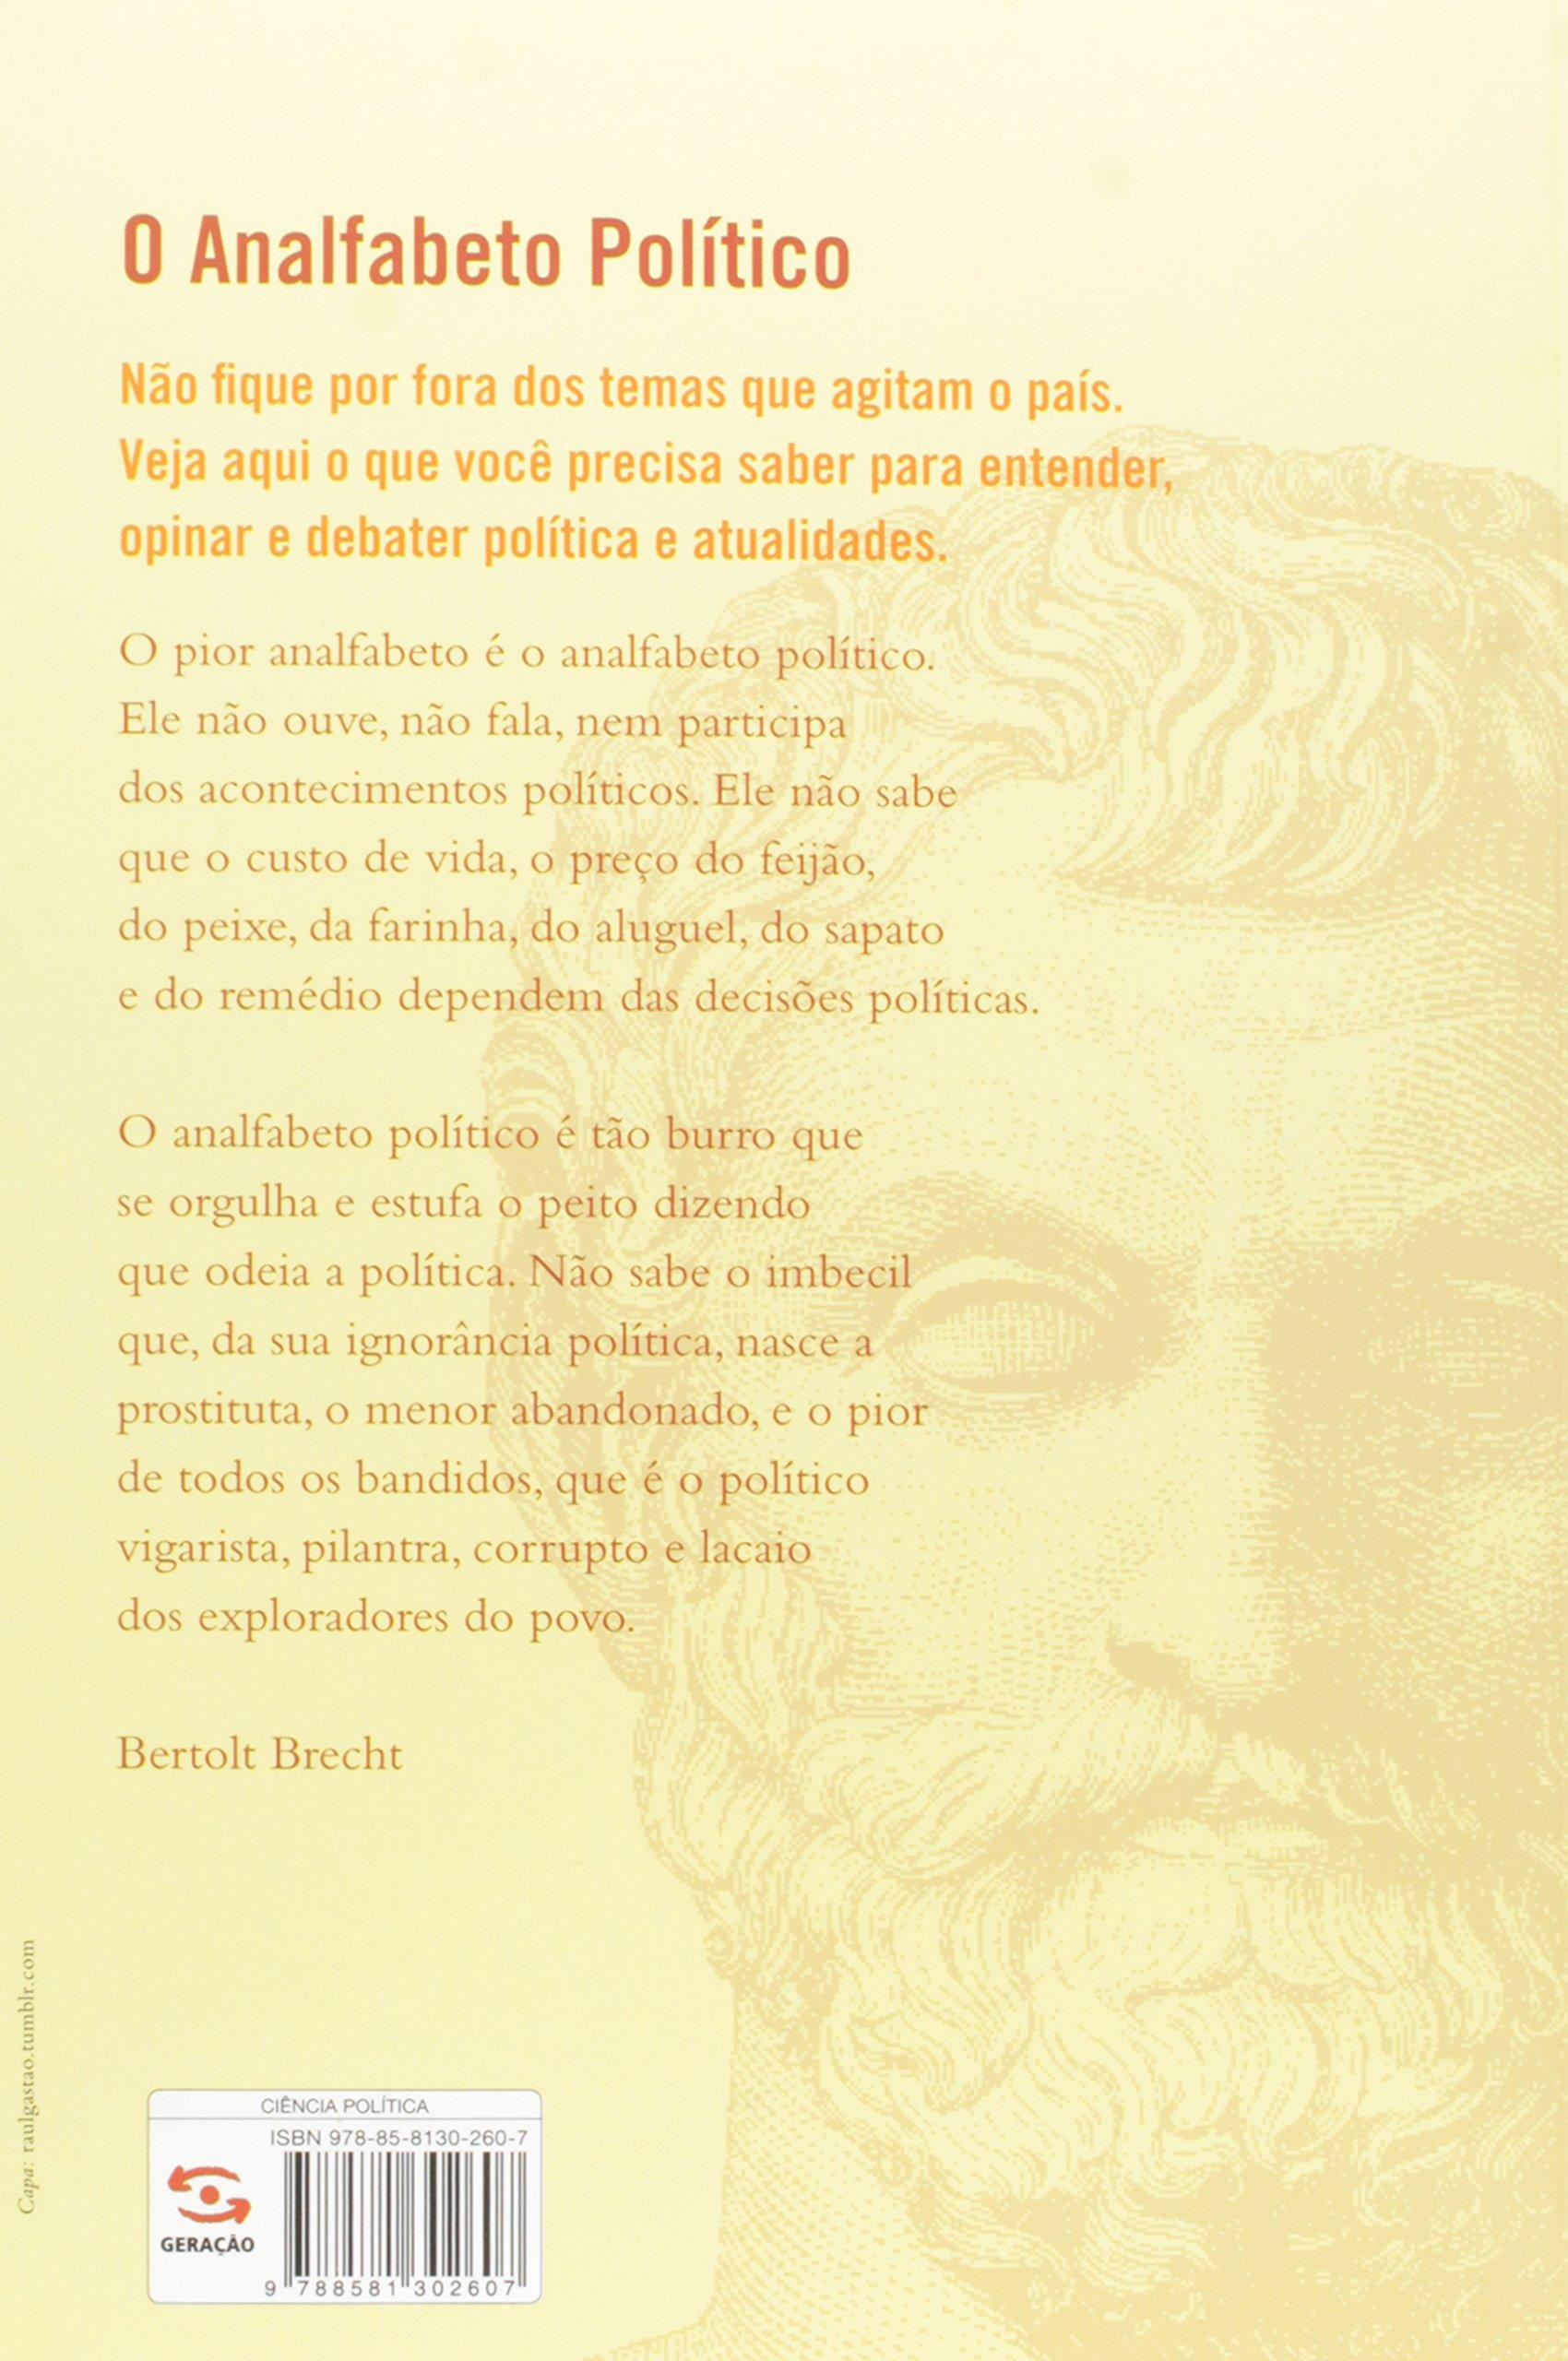 Politica: Um Guia Politicamente Correto Para Entender o Sistema de Poder no Brasil, Opinar e Debater a Respeito: Míriam Moraes: 9788581302607: Amazon.com: ...